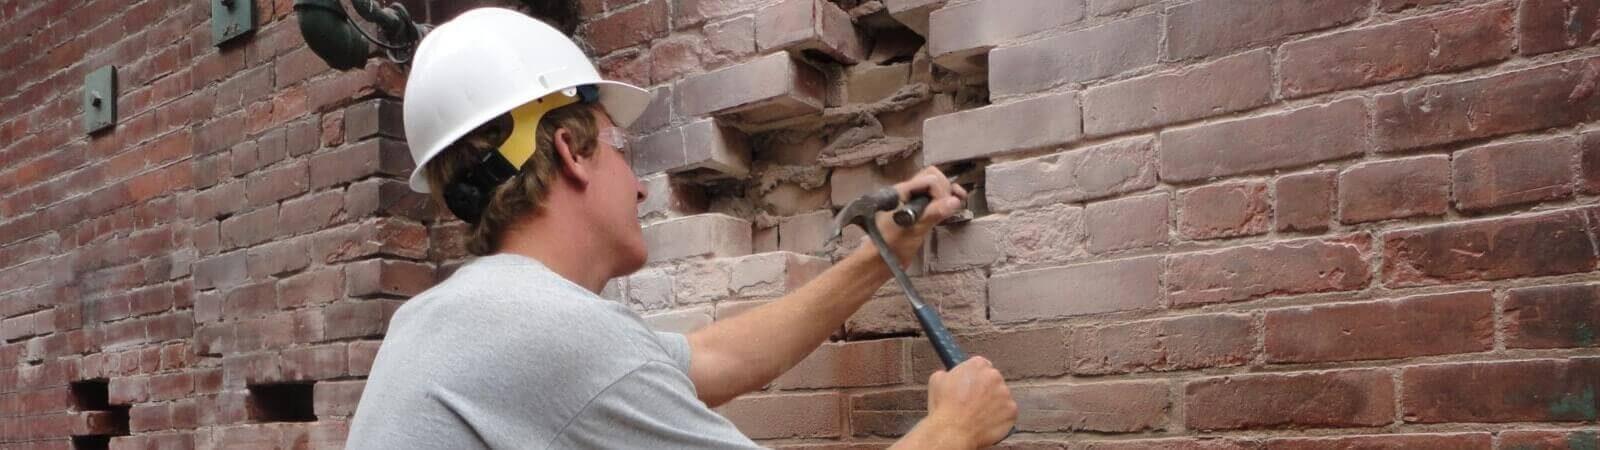 Как демонтировать стену из кирпича